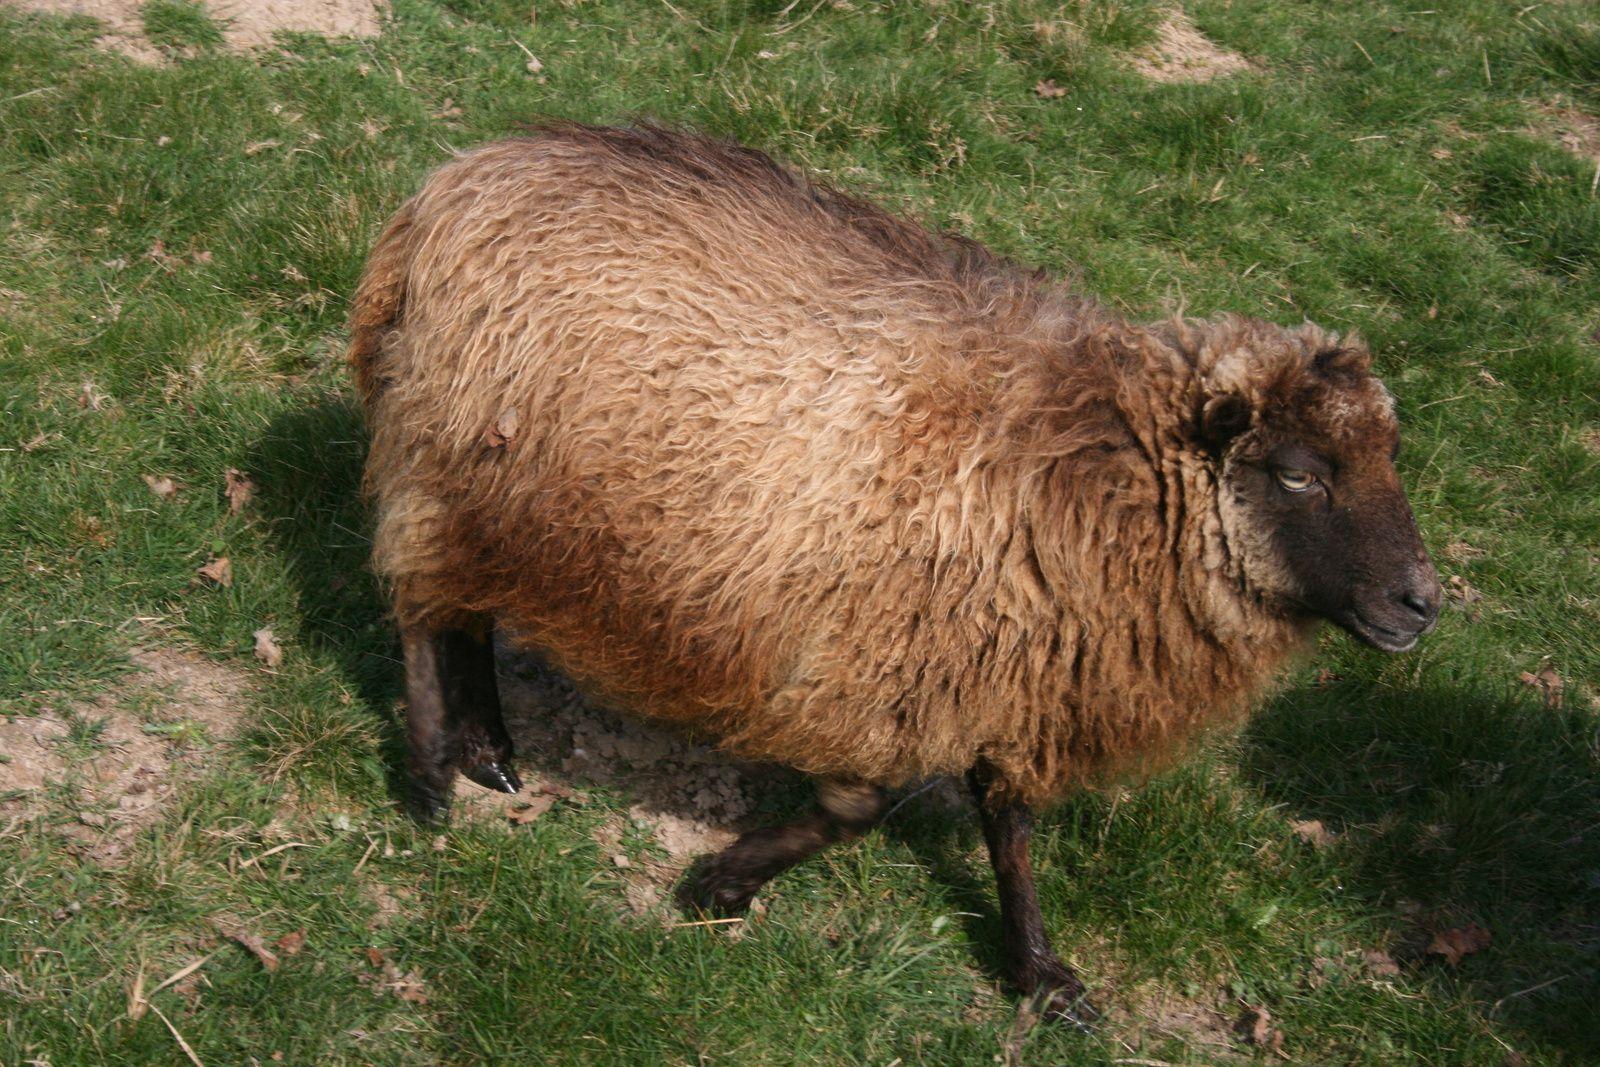 J'imaginais qu'un second agneau pourrait sortir durant la nuit de cette outre sur pattes en peau de mouton d'Ouessant...